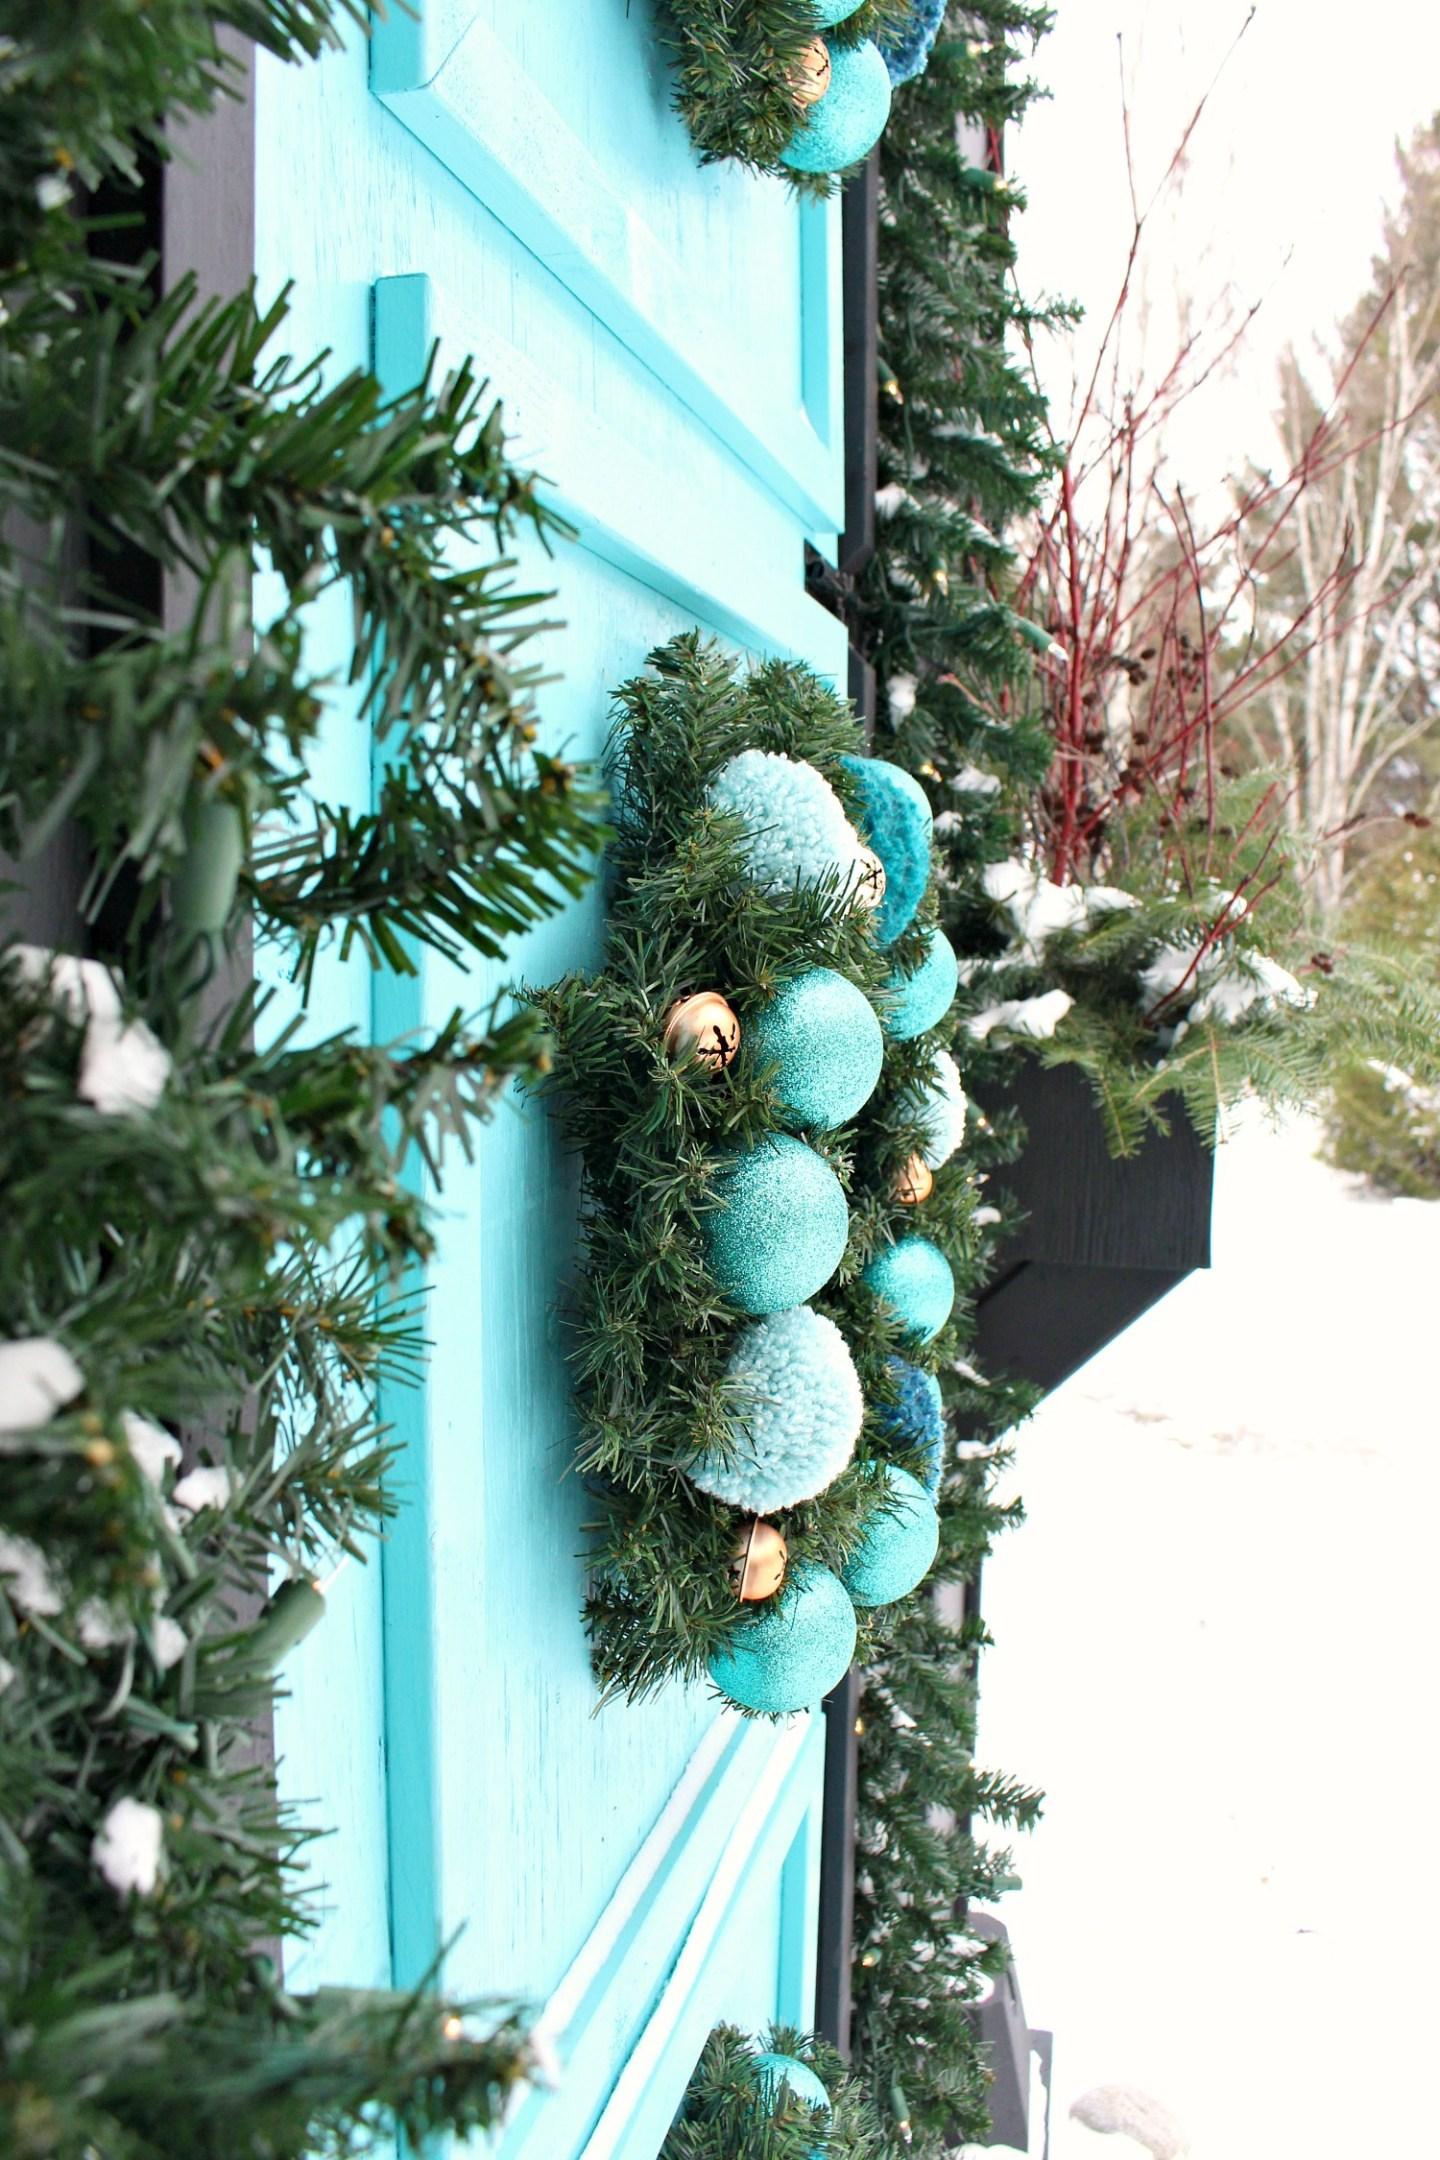 DIY Pom Pom and Ornament Wreath